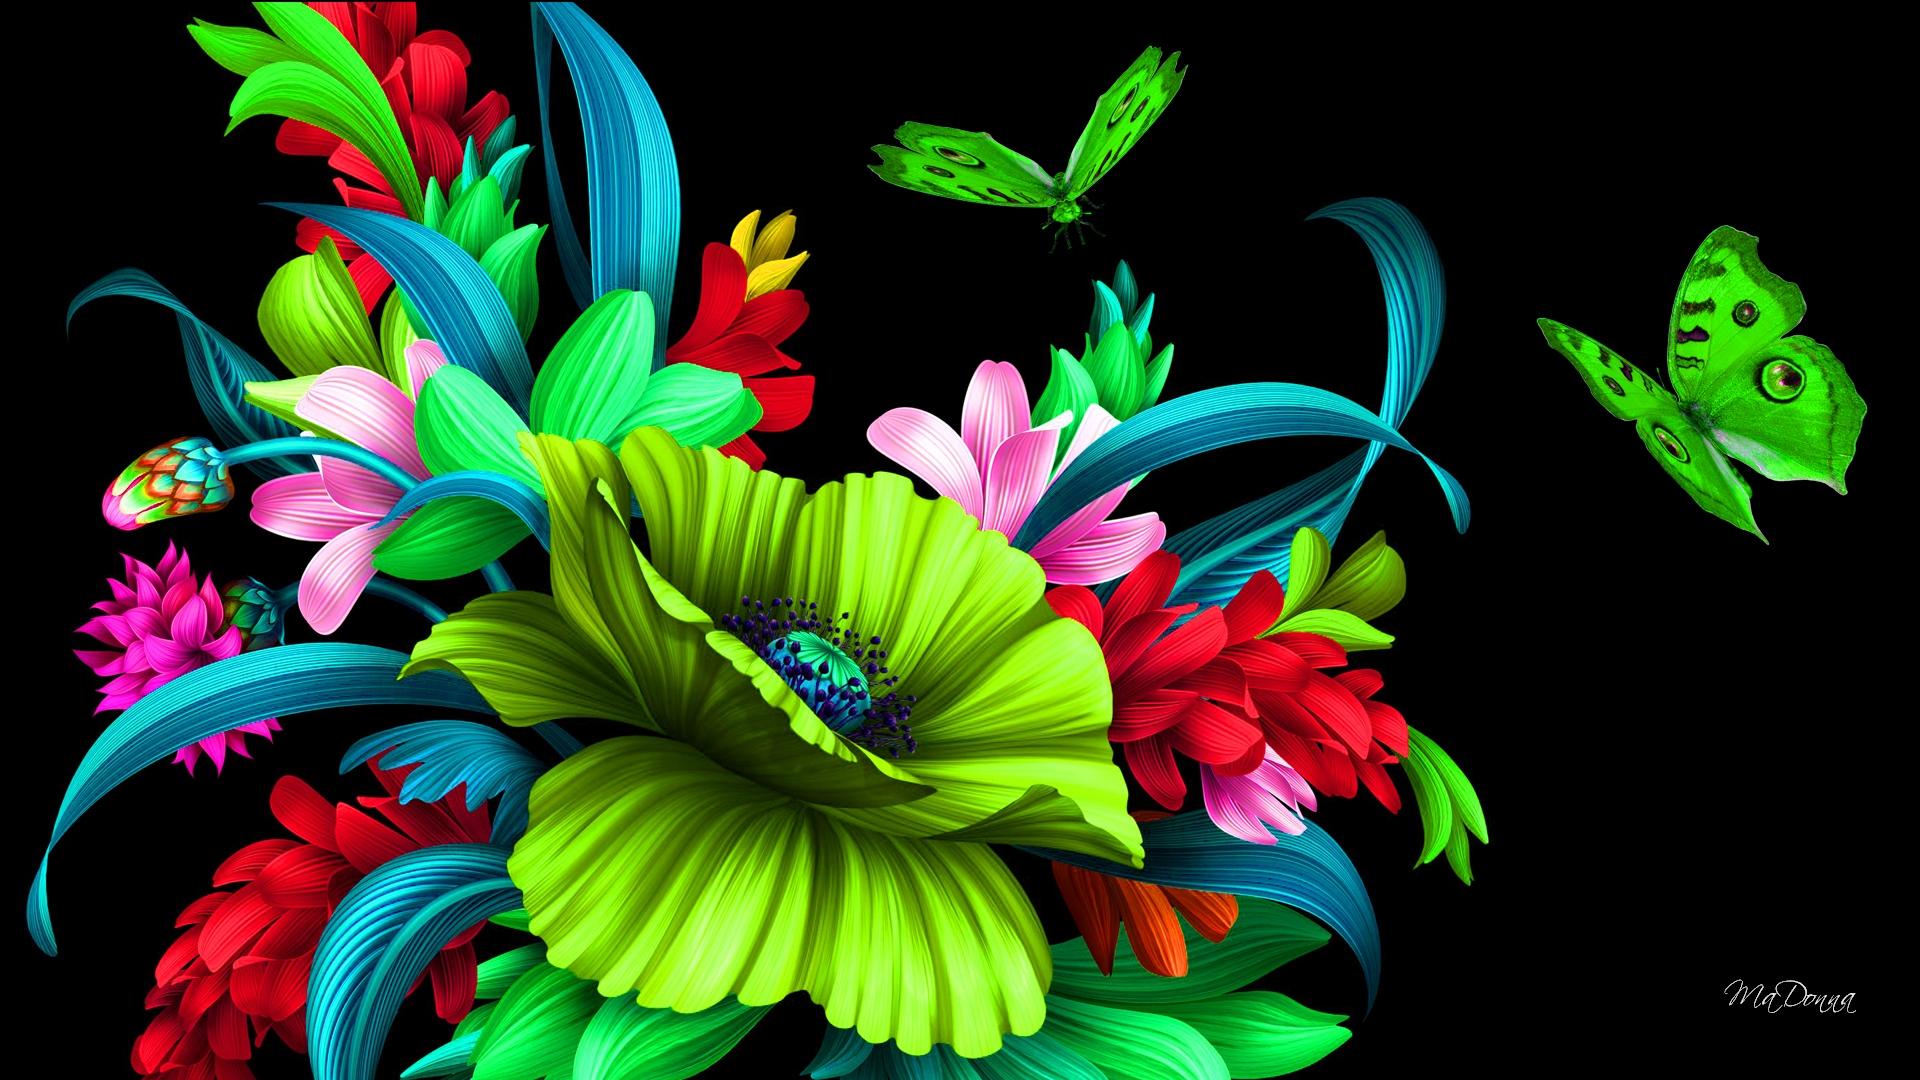 Bright Flower Wallpaper: Bright Flowers And Butterflies HD Wallpaper